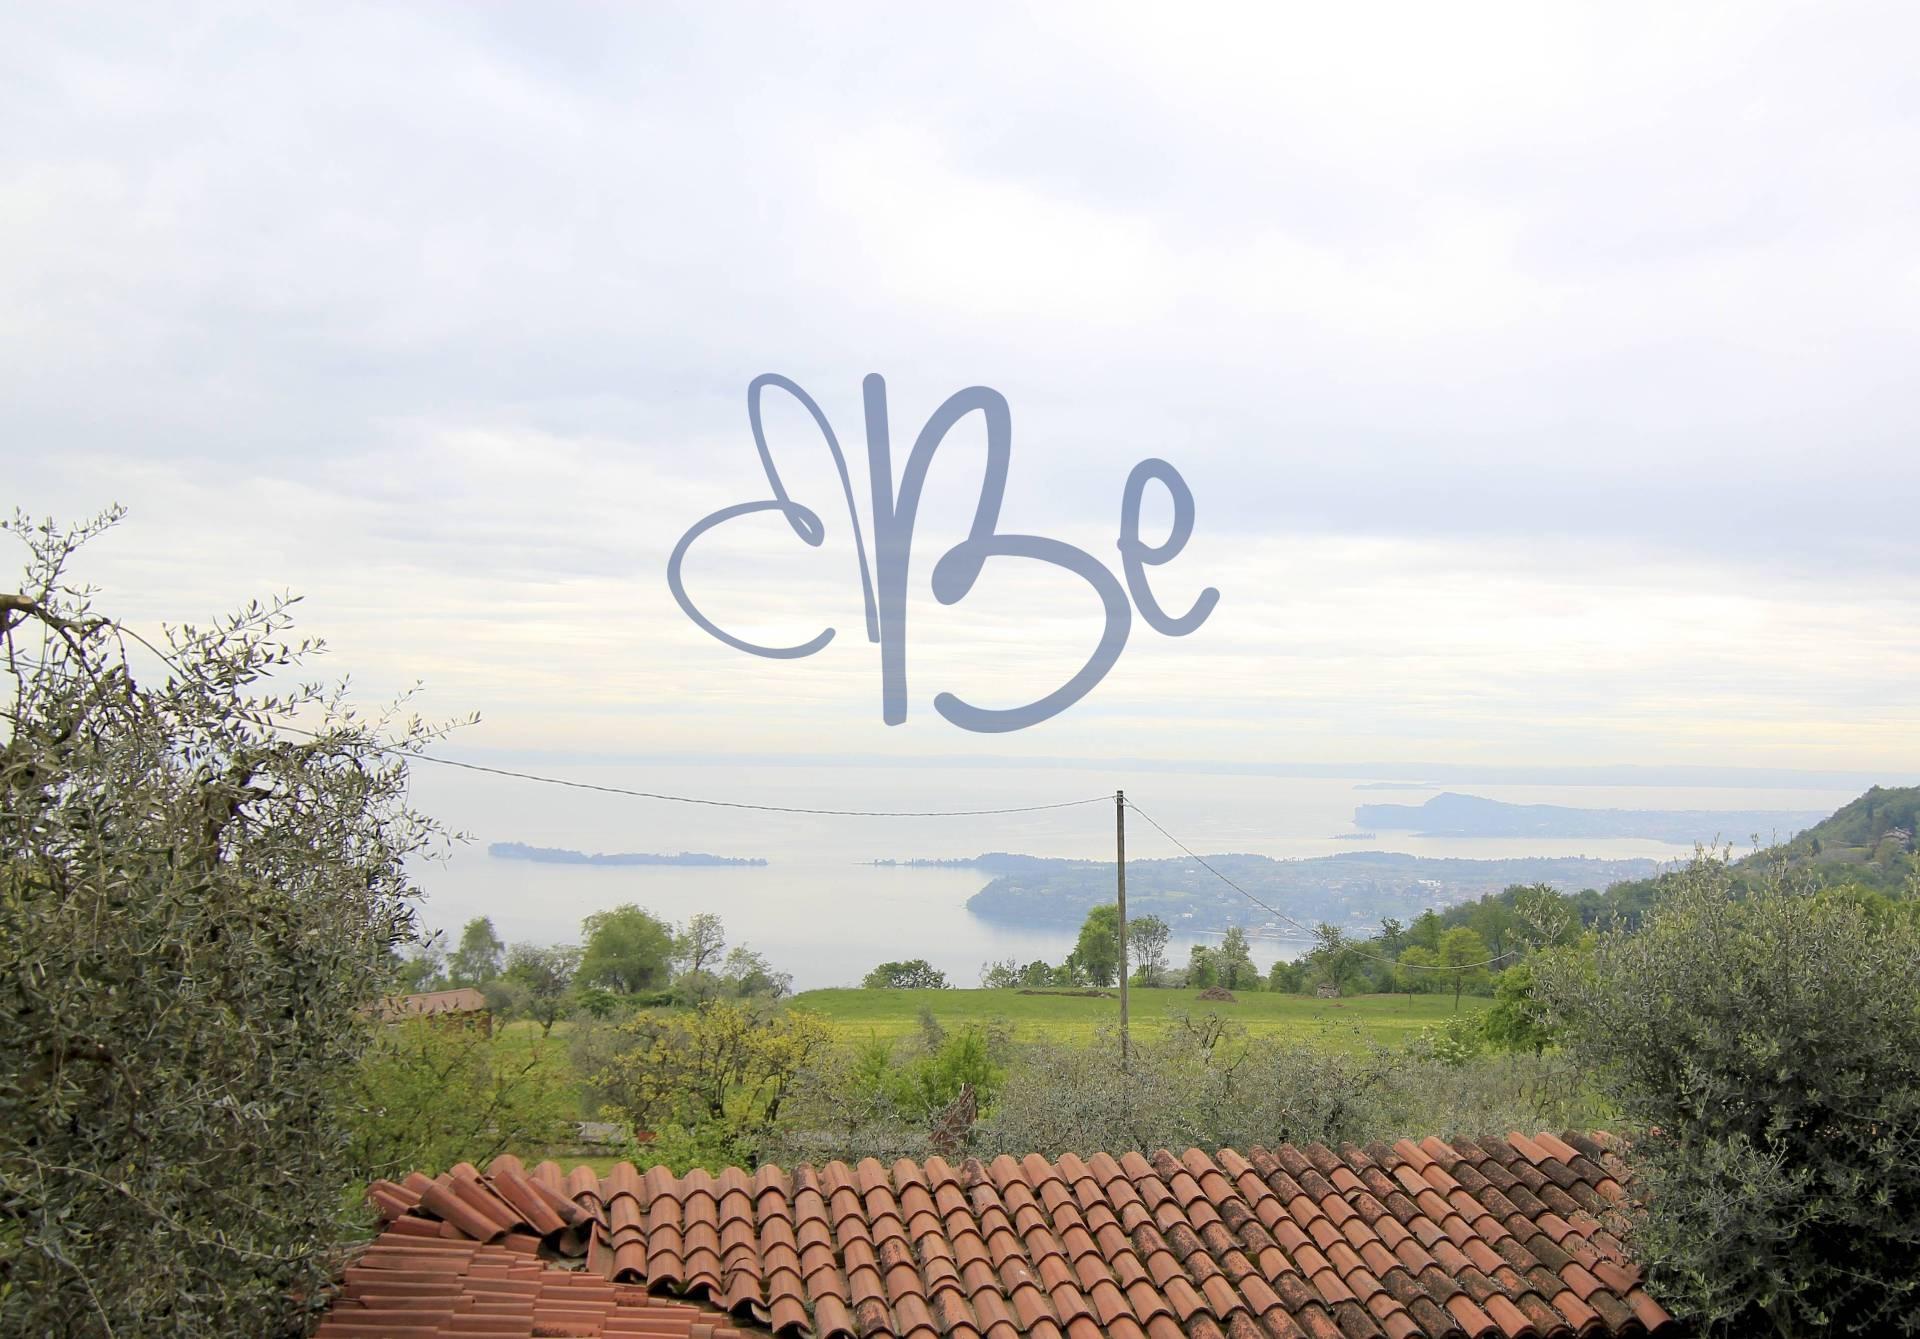 Appartamento in affitto a Salò, 3 locali, zona Località: Salò, Trattative riservate | Cambio Casa.it